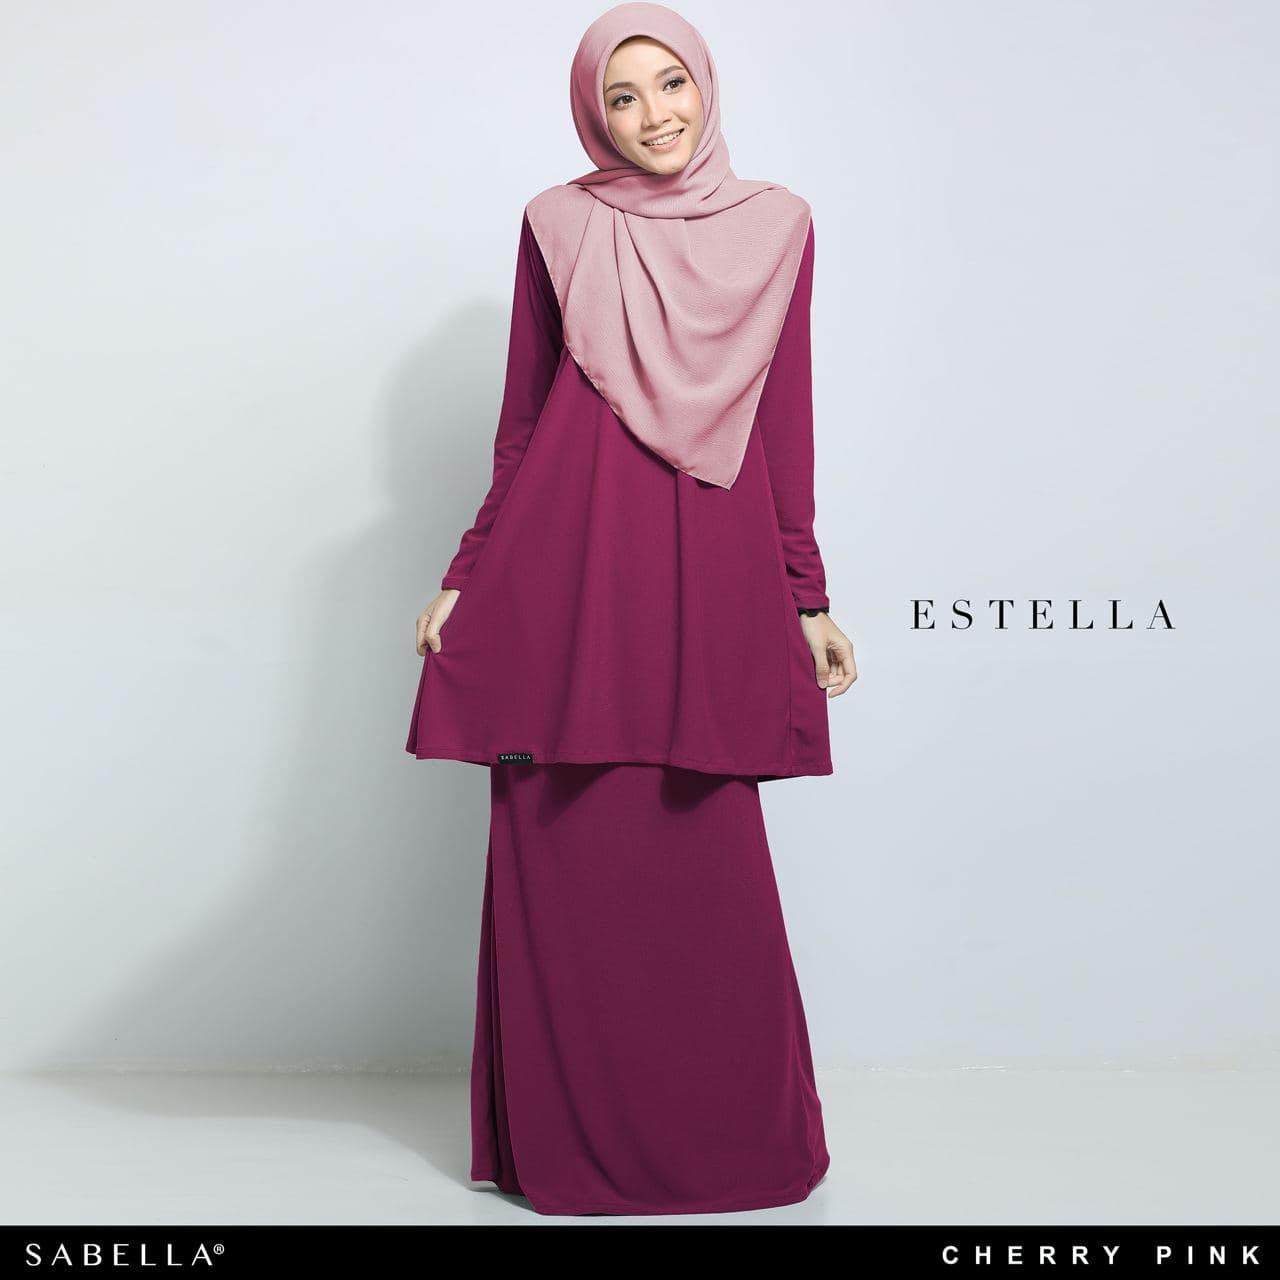 Estella 2.0 Cherry Pink (R)